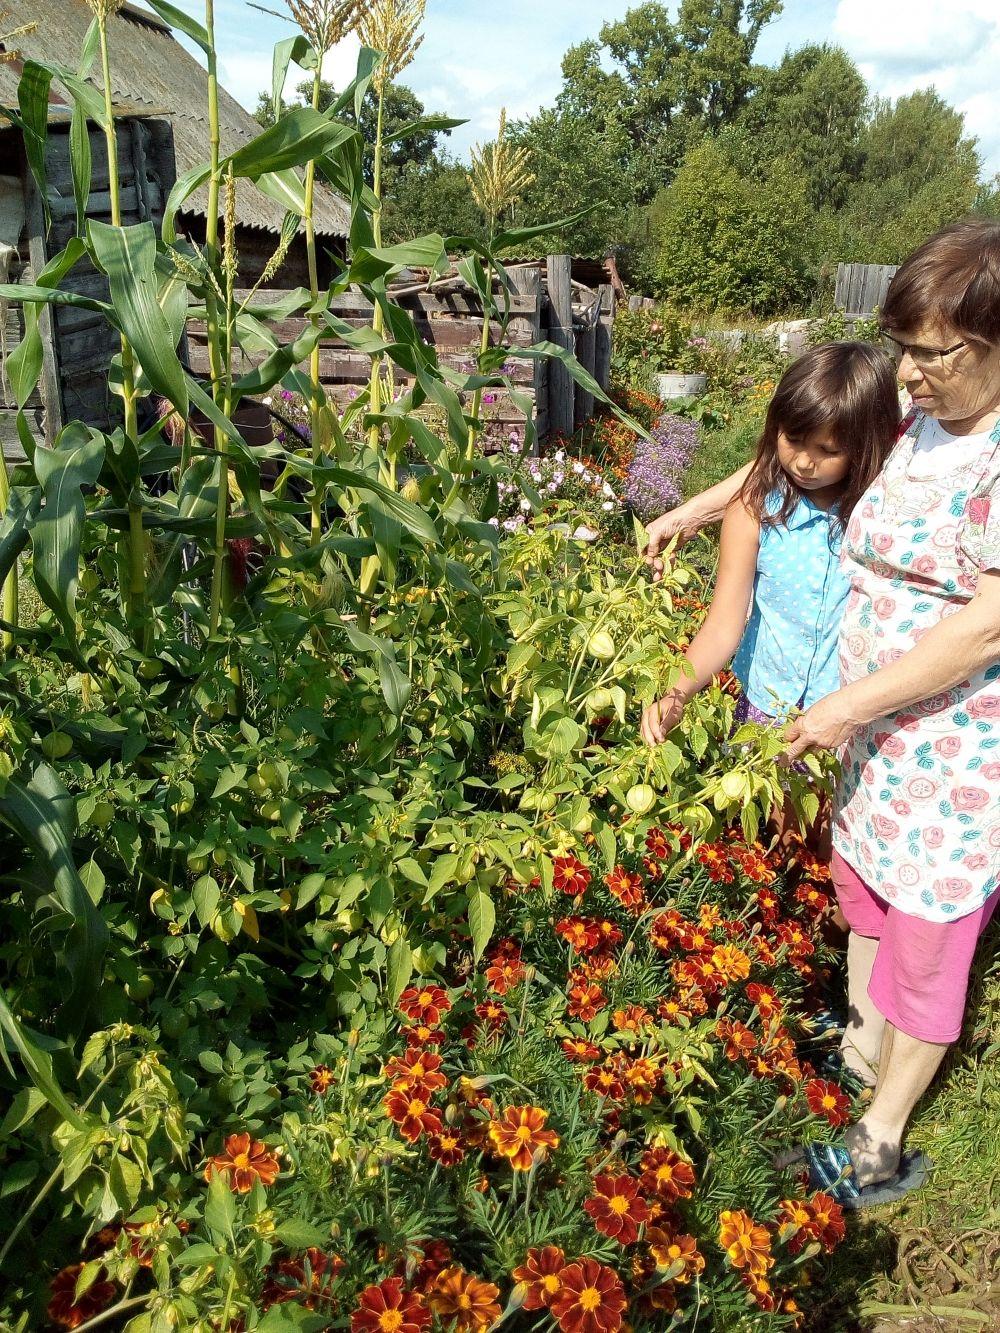 Участник № 11. Зинаида Секлецова, Осинский район: «В конкурсе участвуем третий год подряд. К, сожалению, этот год не богат на овощи, даже арбузы в теплице и те - не выросли. Единственное, чему погода не помешала, так это - кукурузе, рядом с ней – физалис».